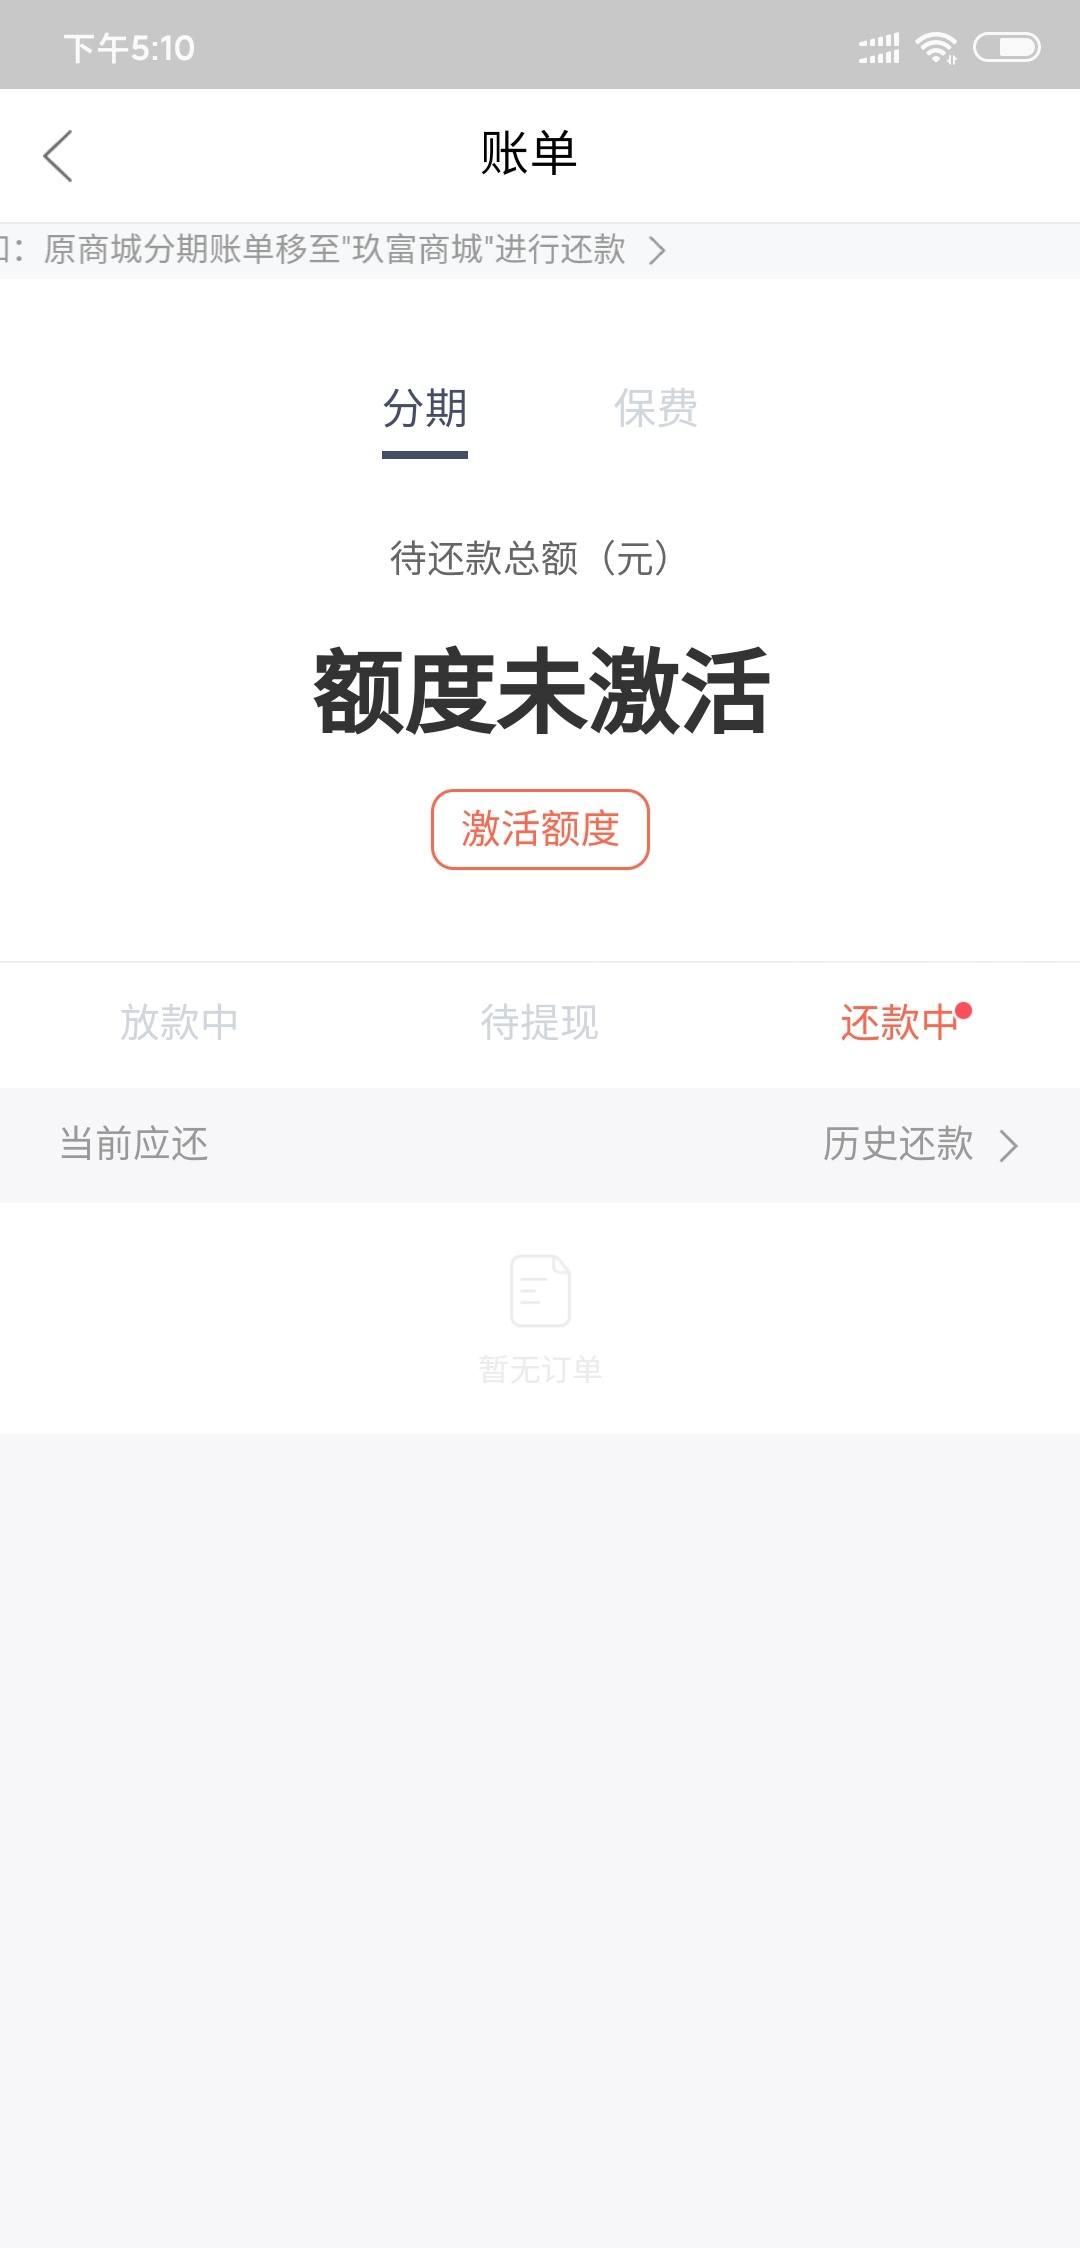 玖富,协商后清掉的第一个app